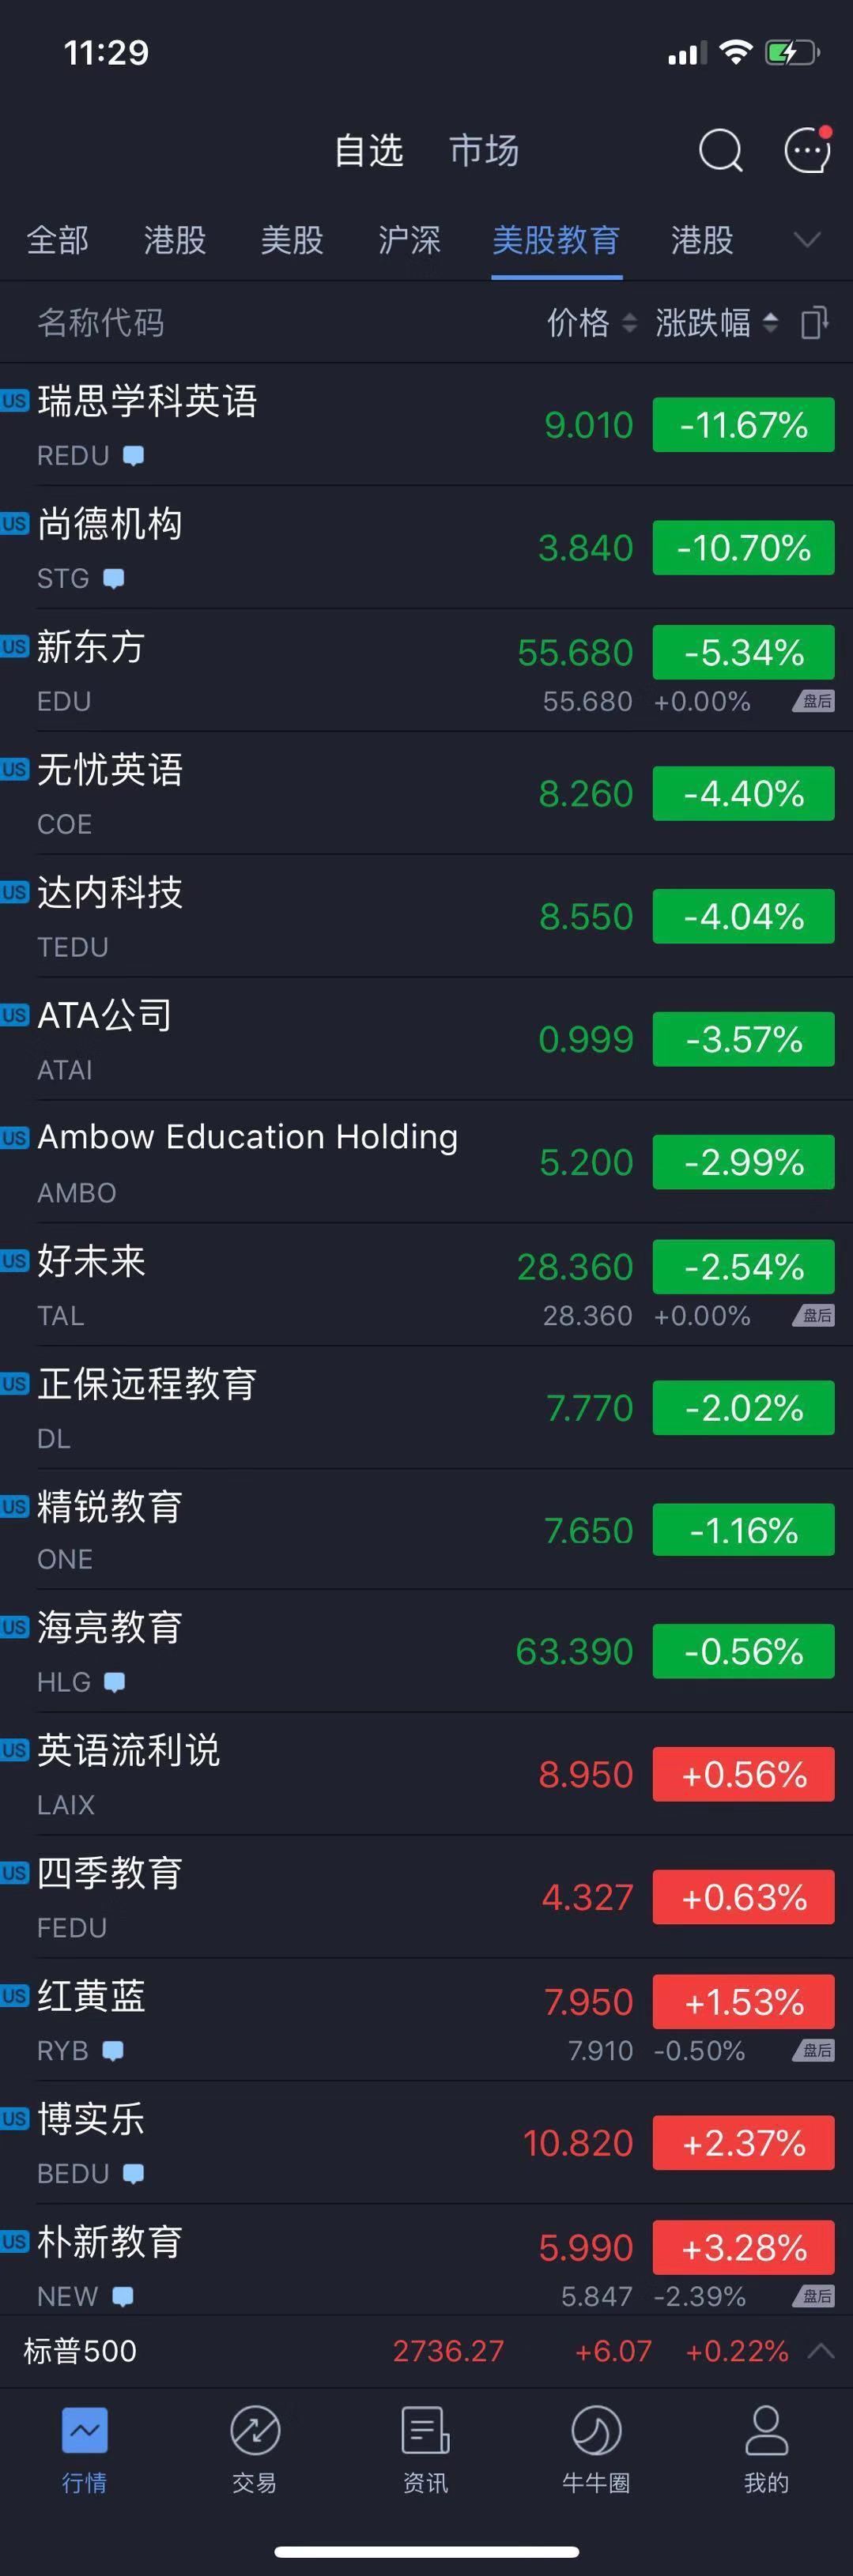 红黄蓝收涨1.53%,博实乐收涨2.37%,瑞思学科大跌11.67%